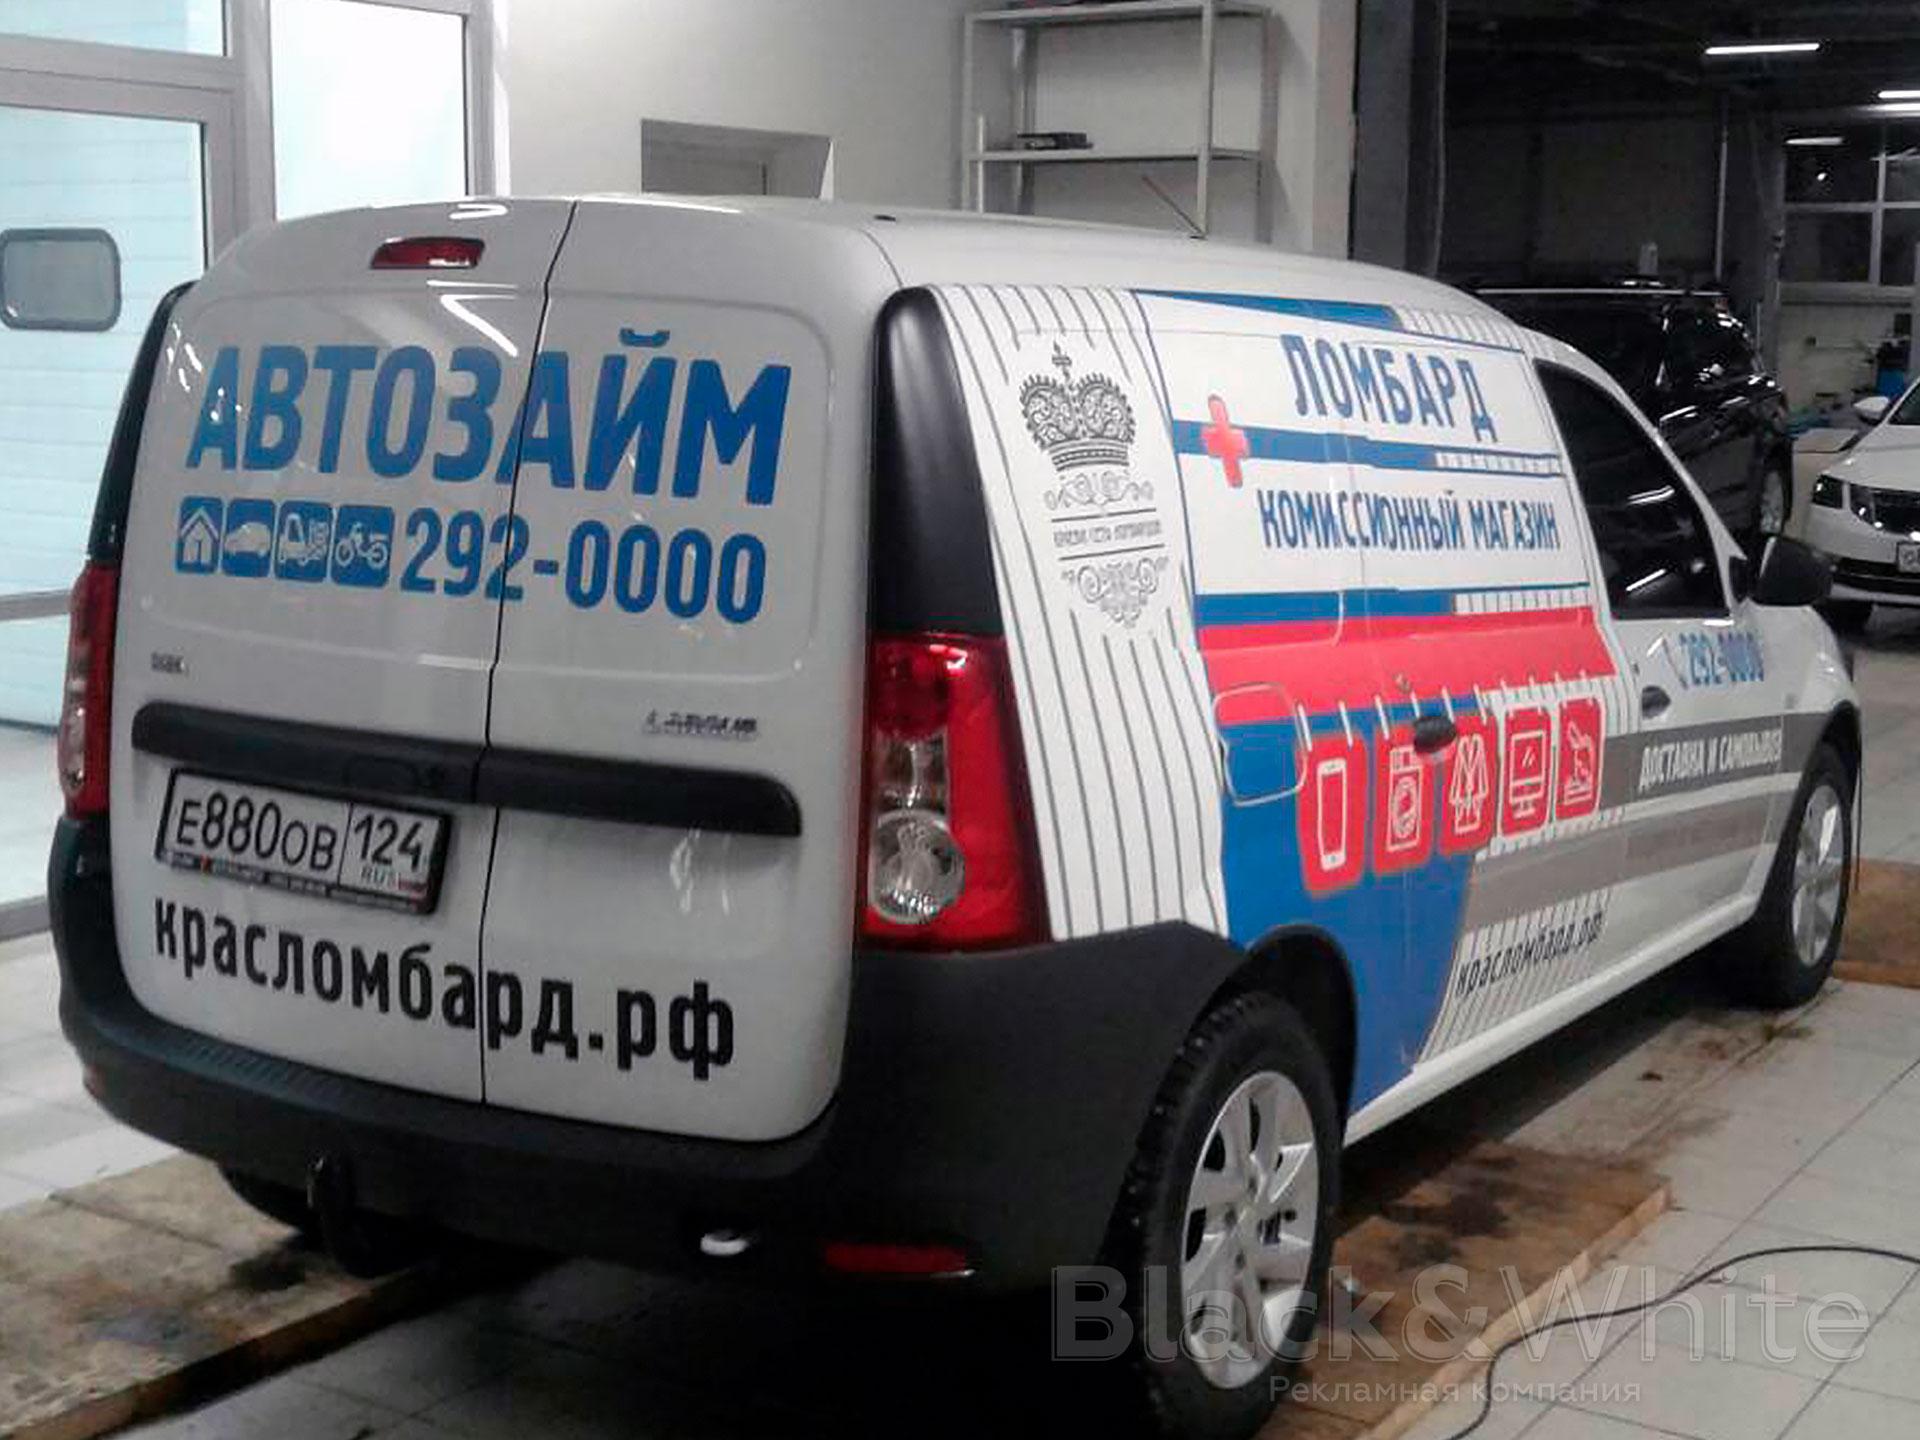 Авто в ломбарде купить красноярск машина залог и мошенничество